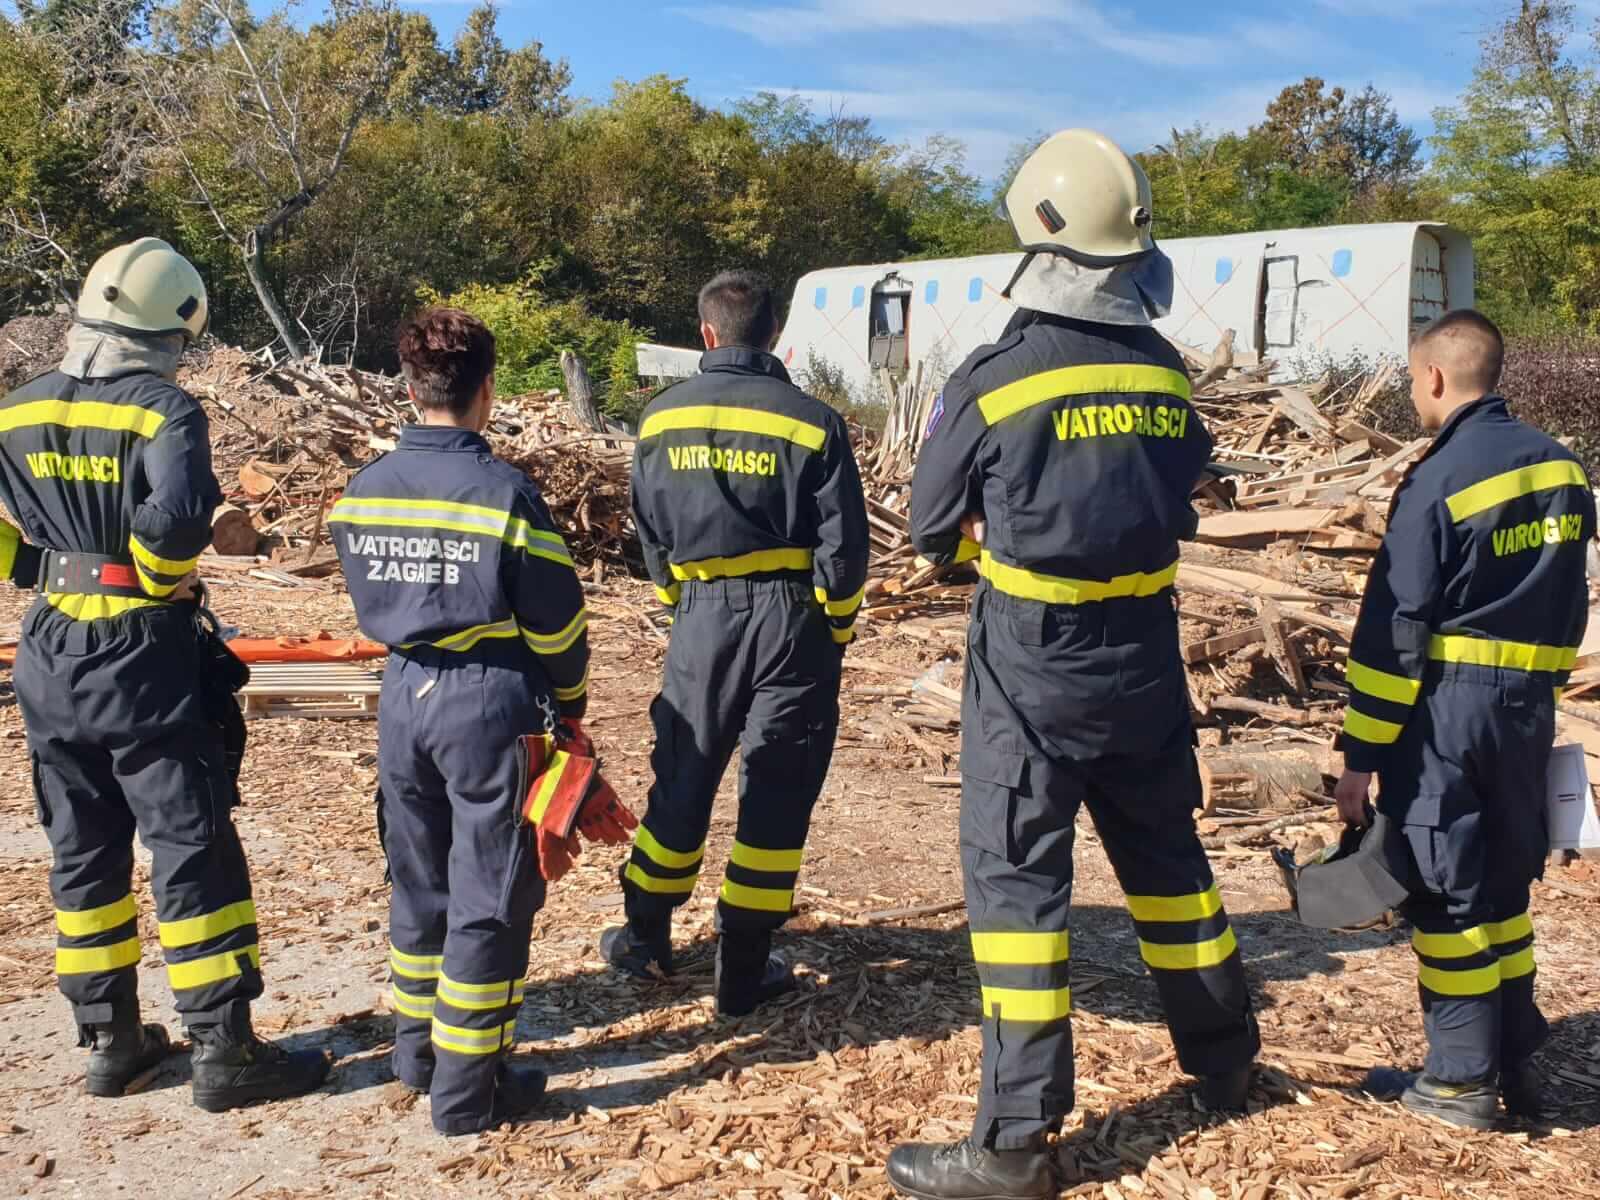 operativno-natjecanje-vatrogasaca-jastrebarsko-2019-vatrogasci-sveta-klara